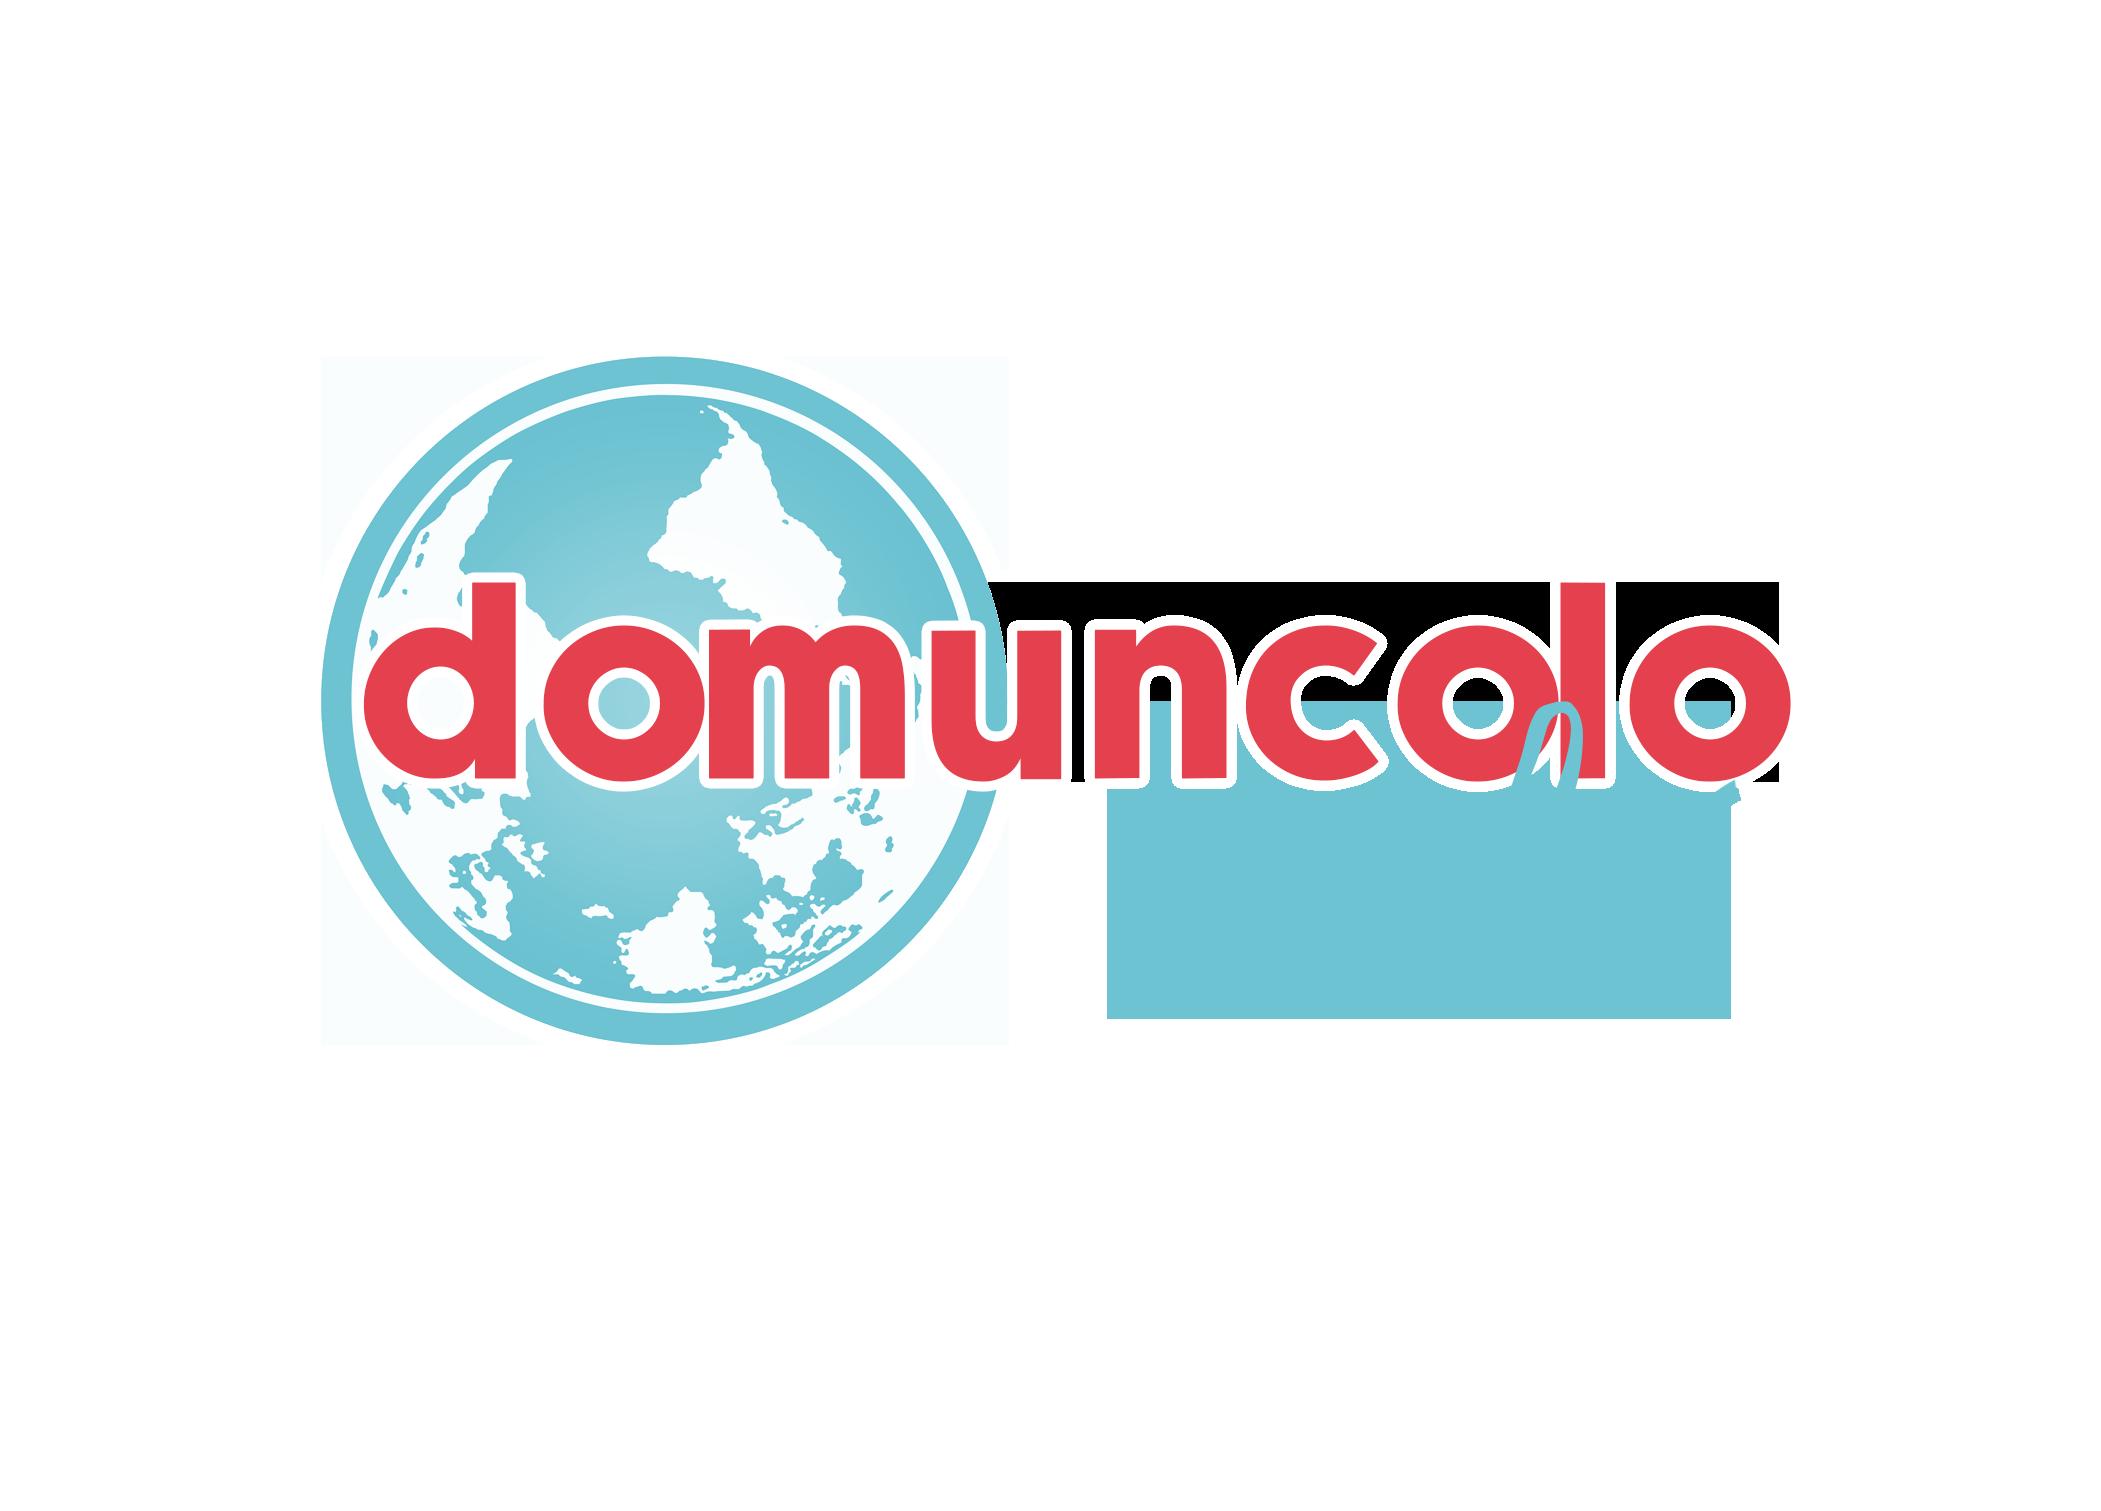 Domuncolo Café logo